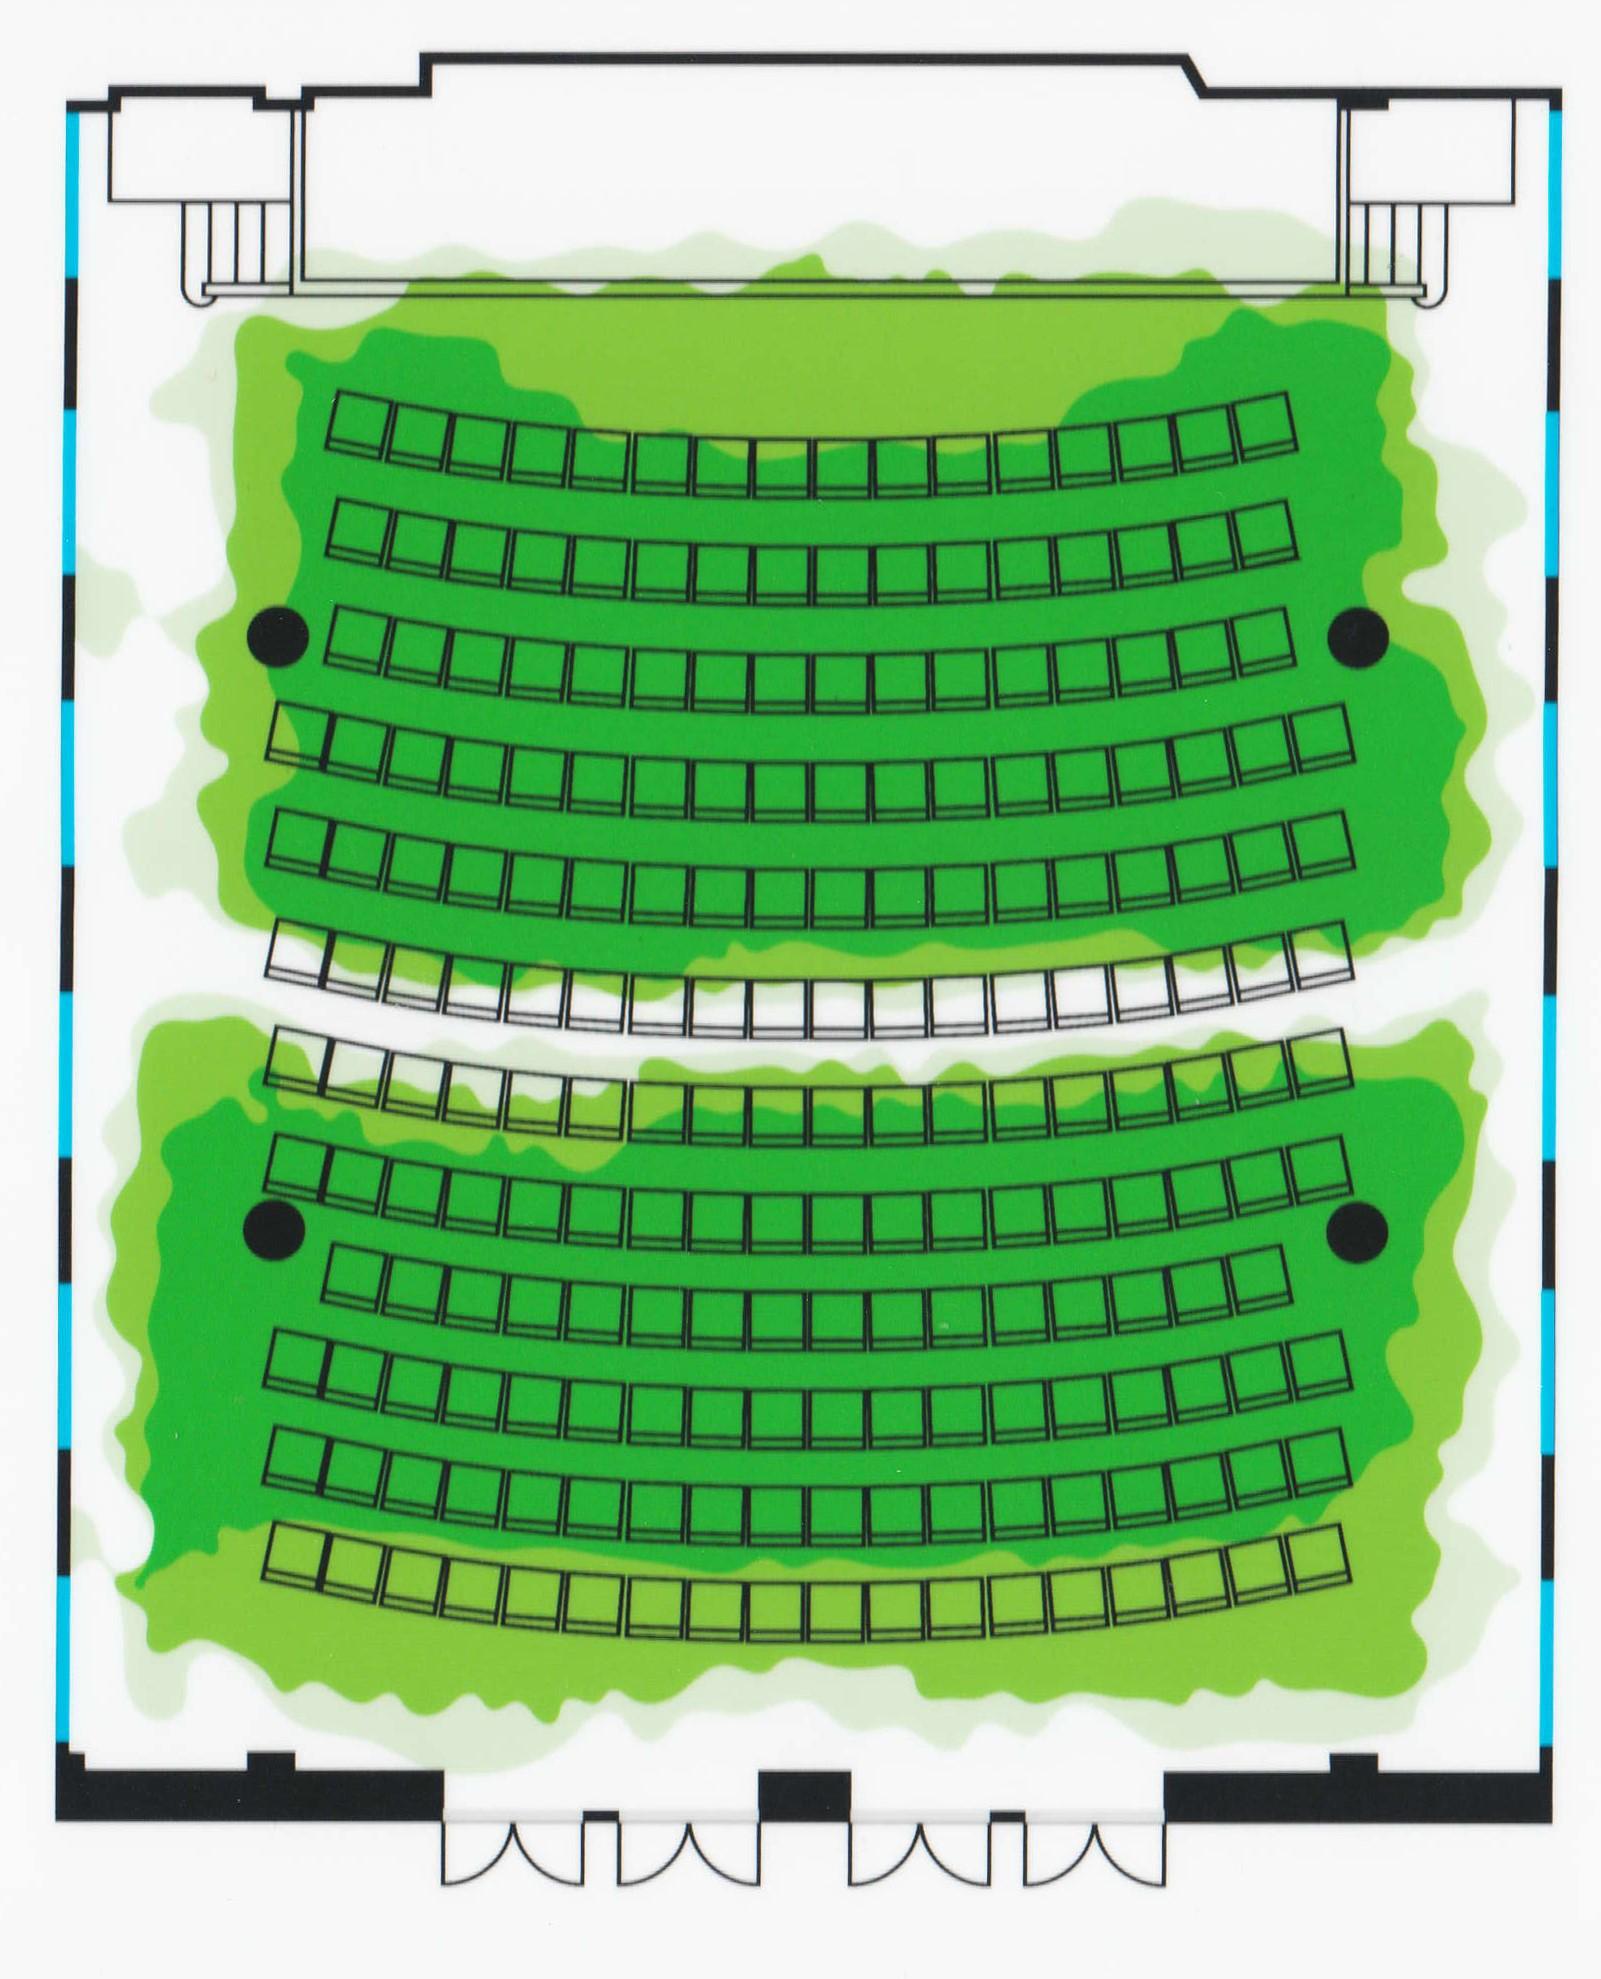 Induktiosilmukka toimii näyttämön kaikilla muilla istumapaikoilla mutta ei rivillä 6 eikä parvella.